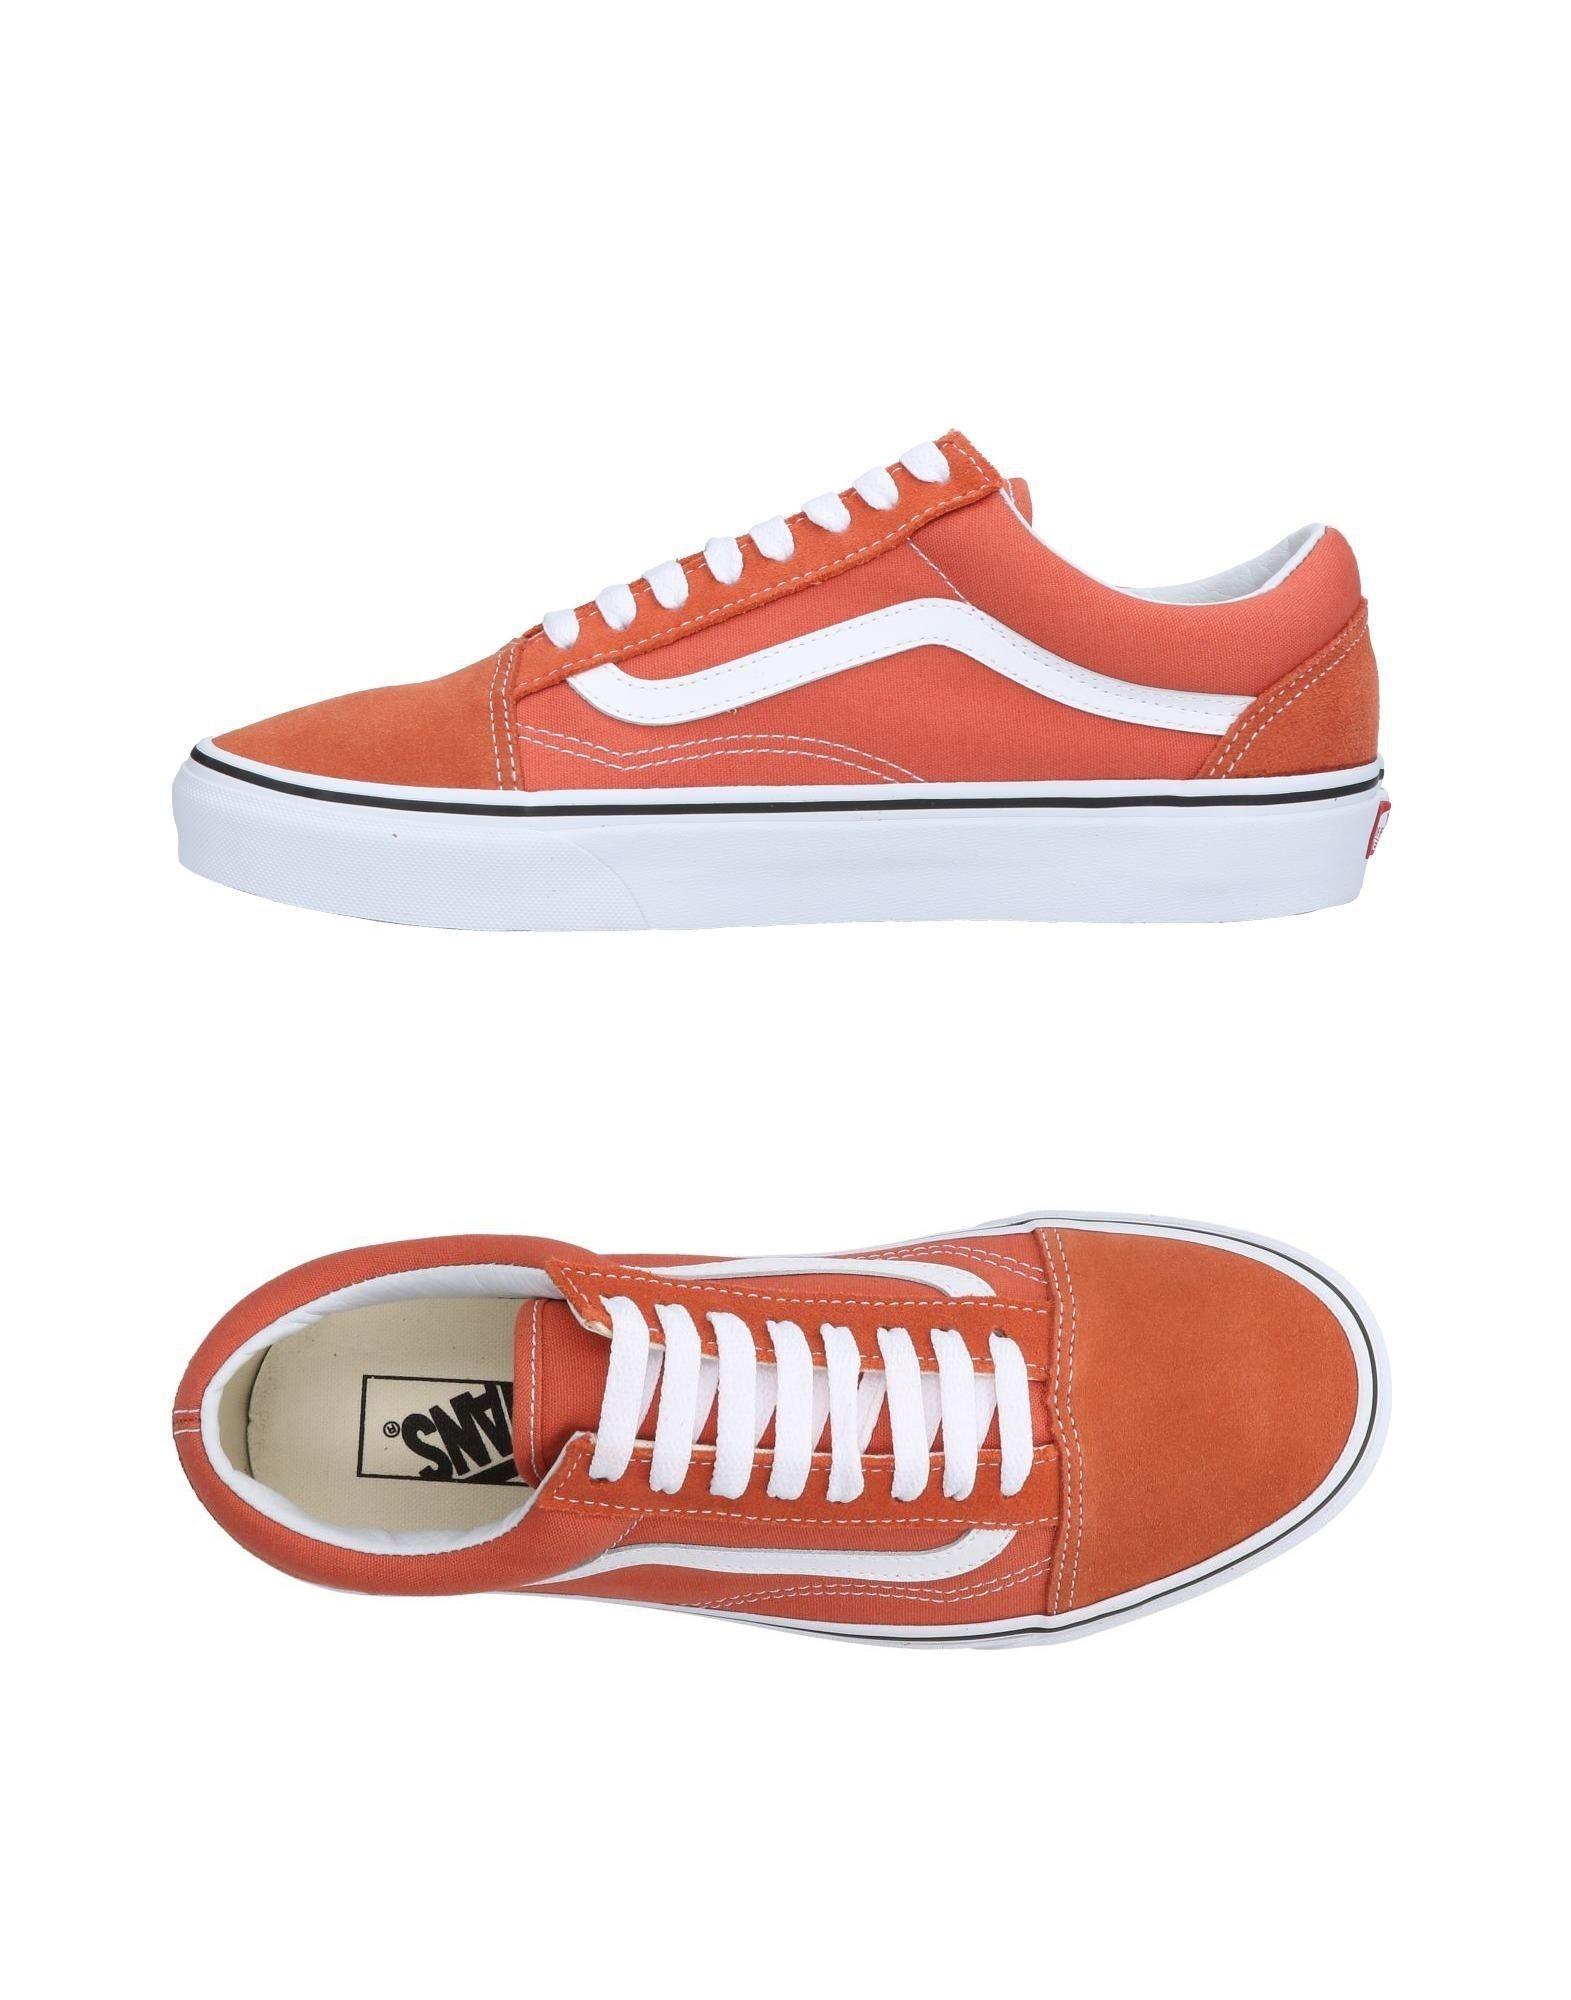 Vans Sneakers Herren Heiße  11492513TS Heiße Herren Schuhe 8b7752